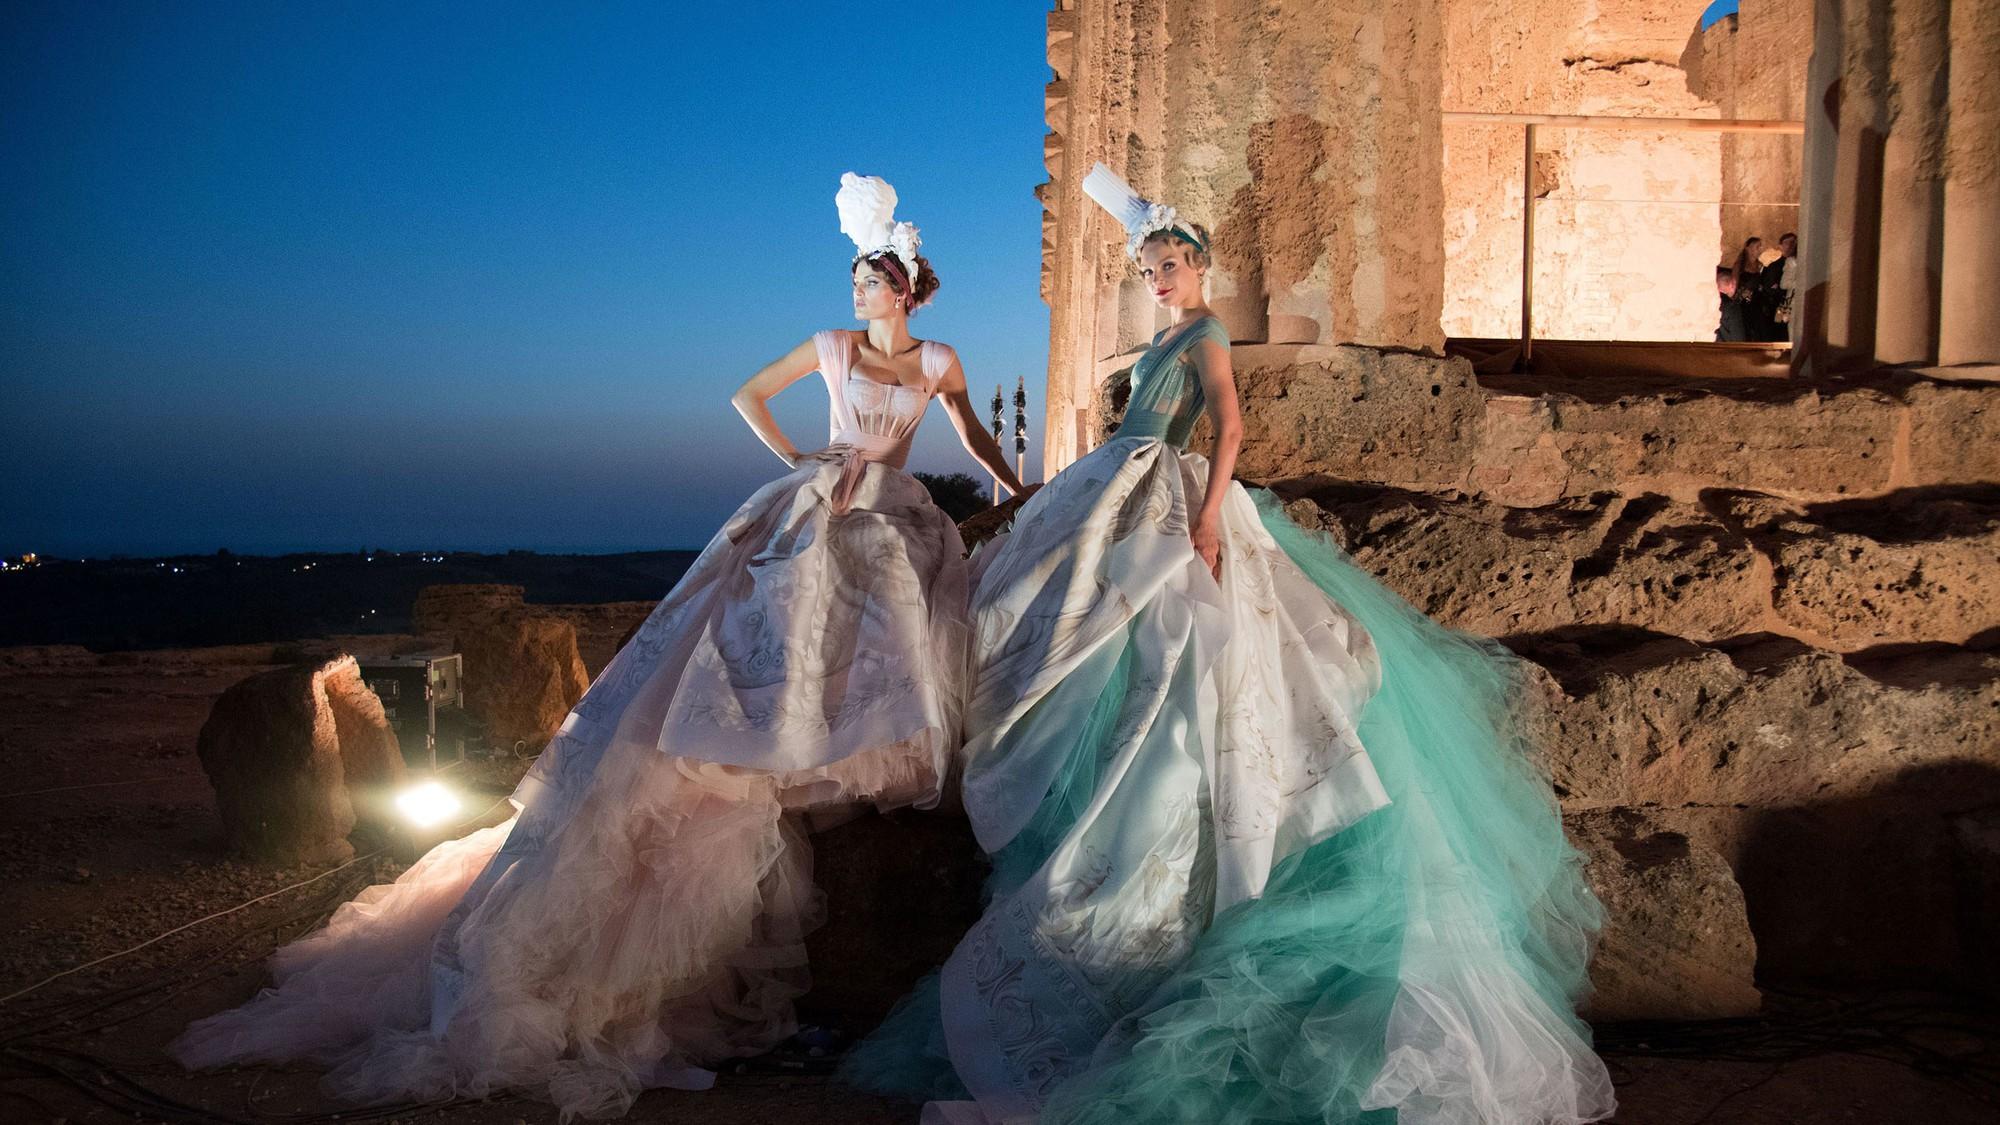 Sững sờ chiêm ngưỡng các nữ thần Hy Lạp bằng xương bằng thịt tại show diễn của Dolce&Gabbana - Ảnh 5.